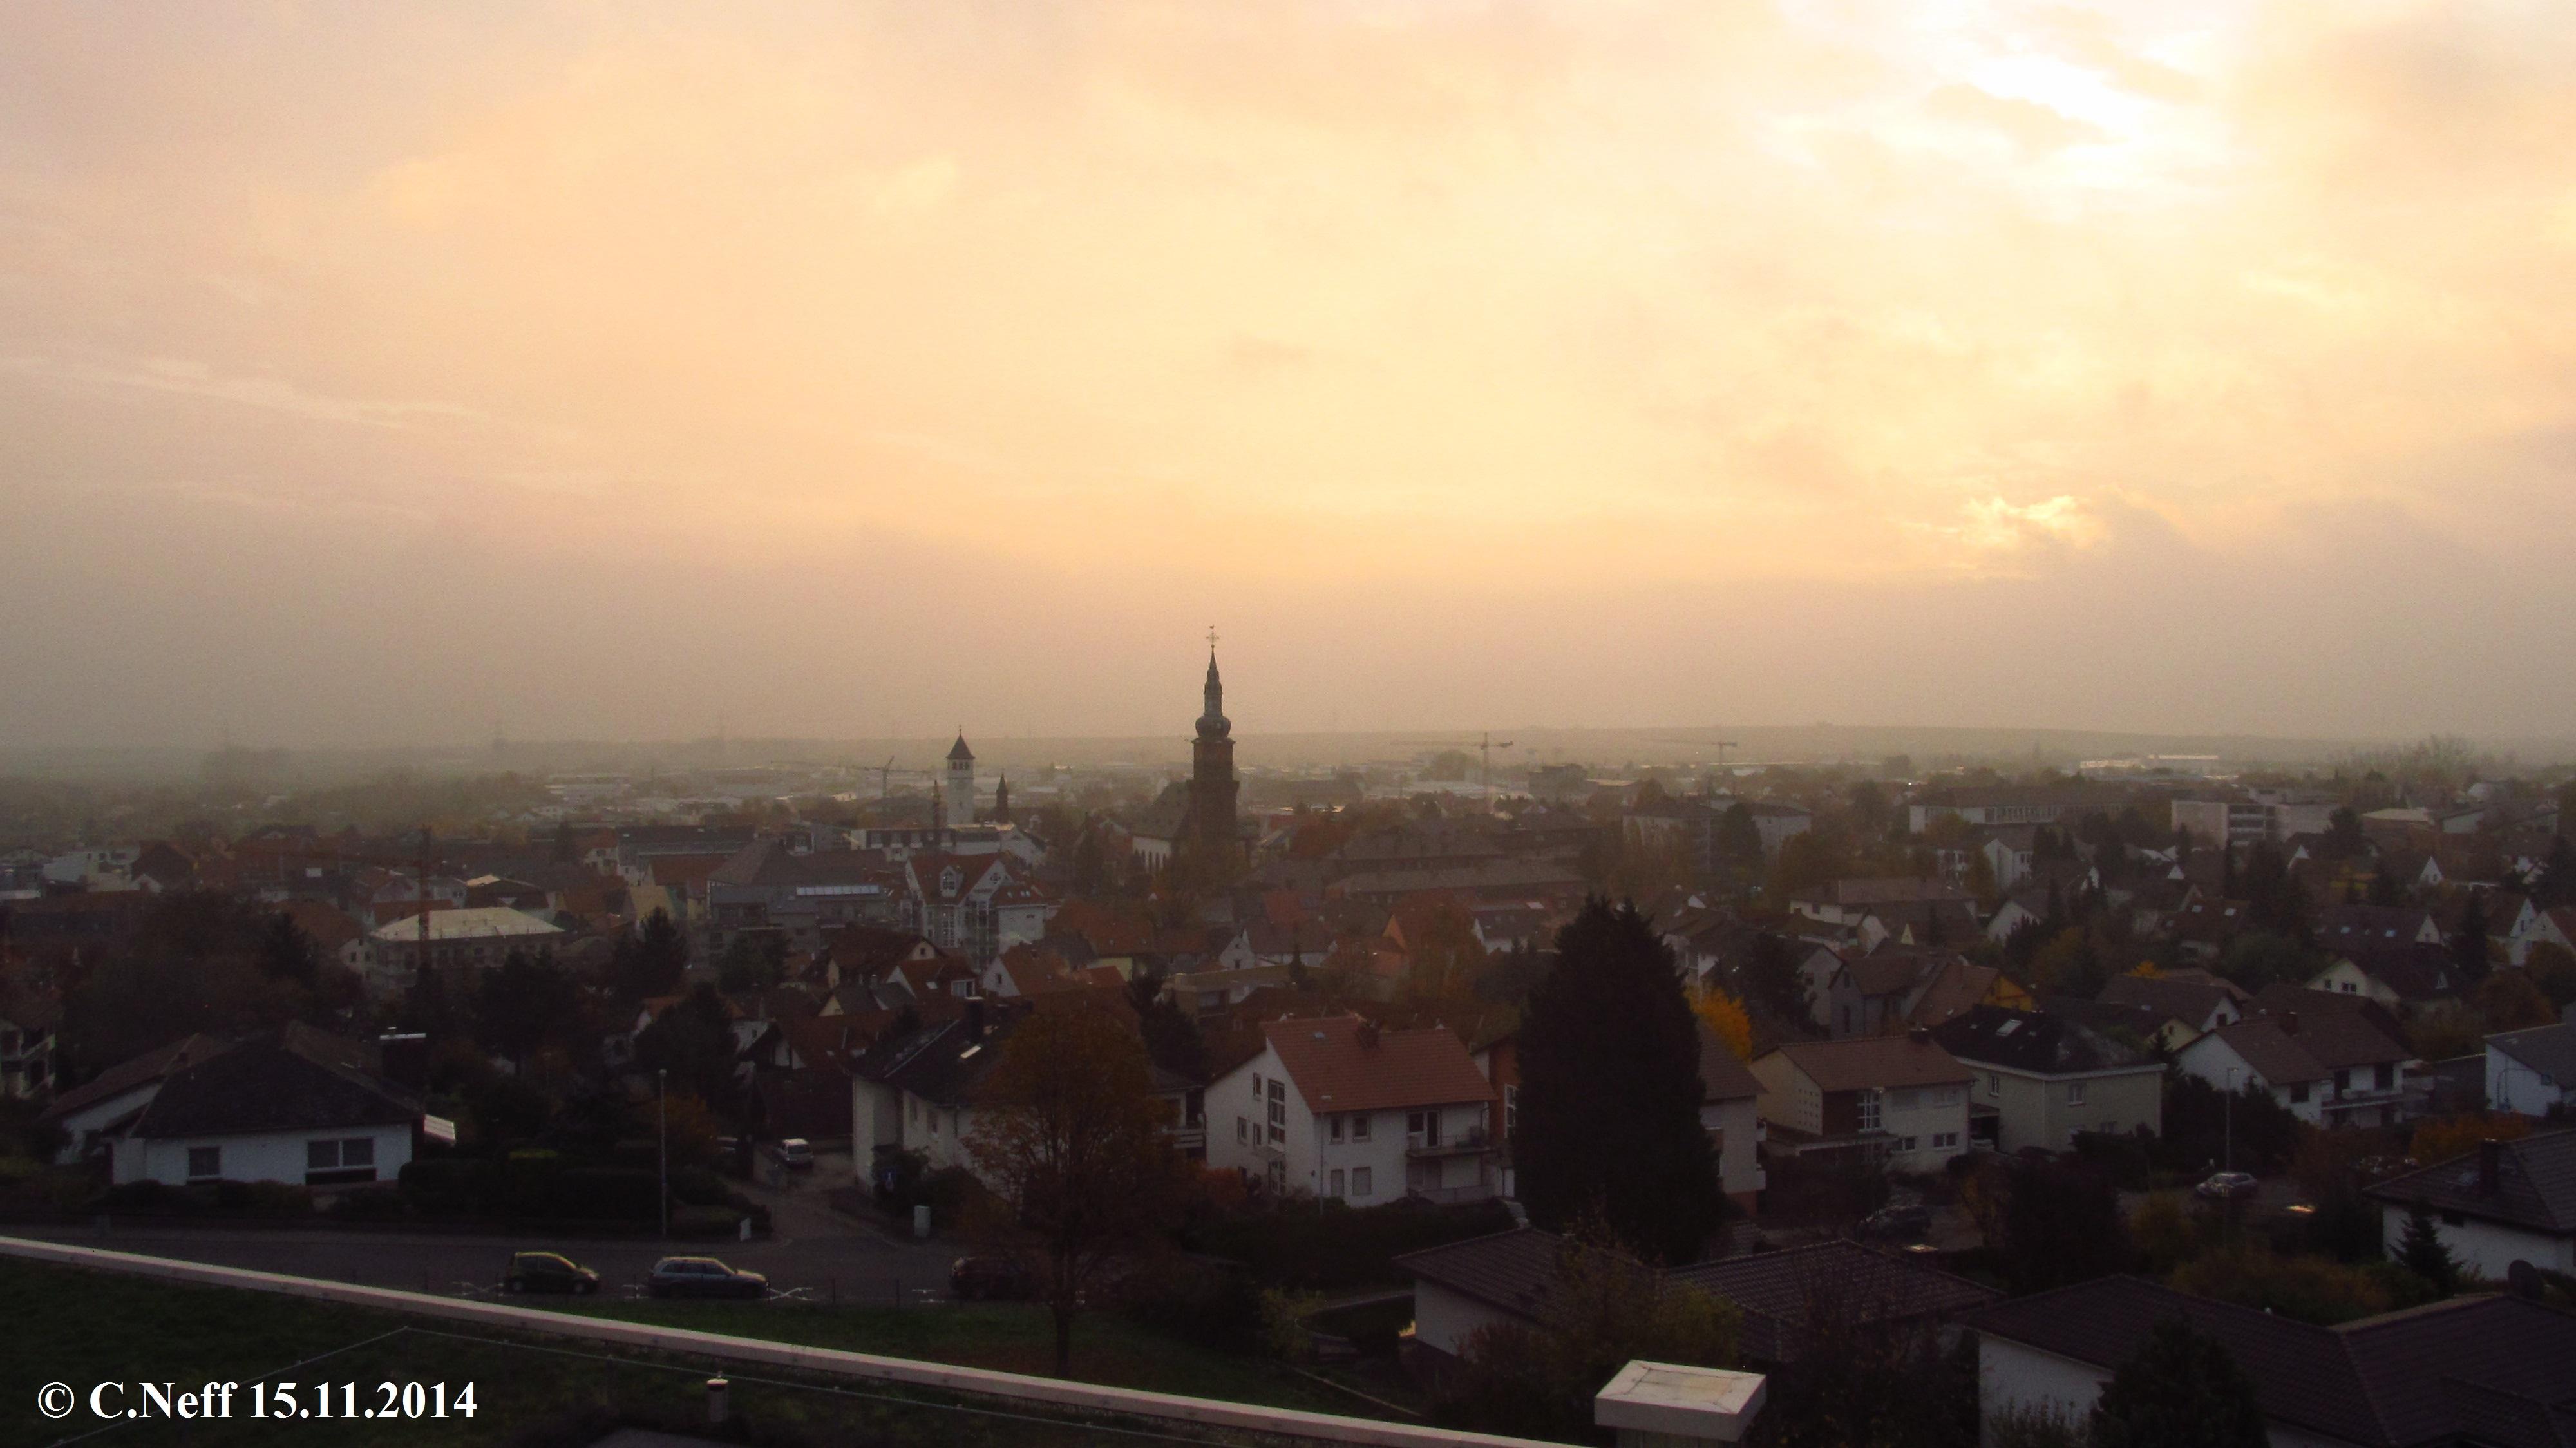 Grünstadt im Novembermorgennebellicht 15.11.2014